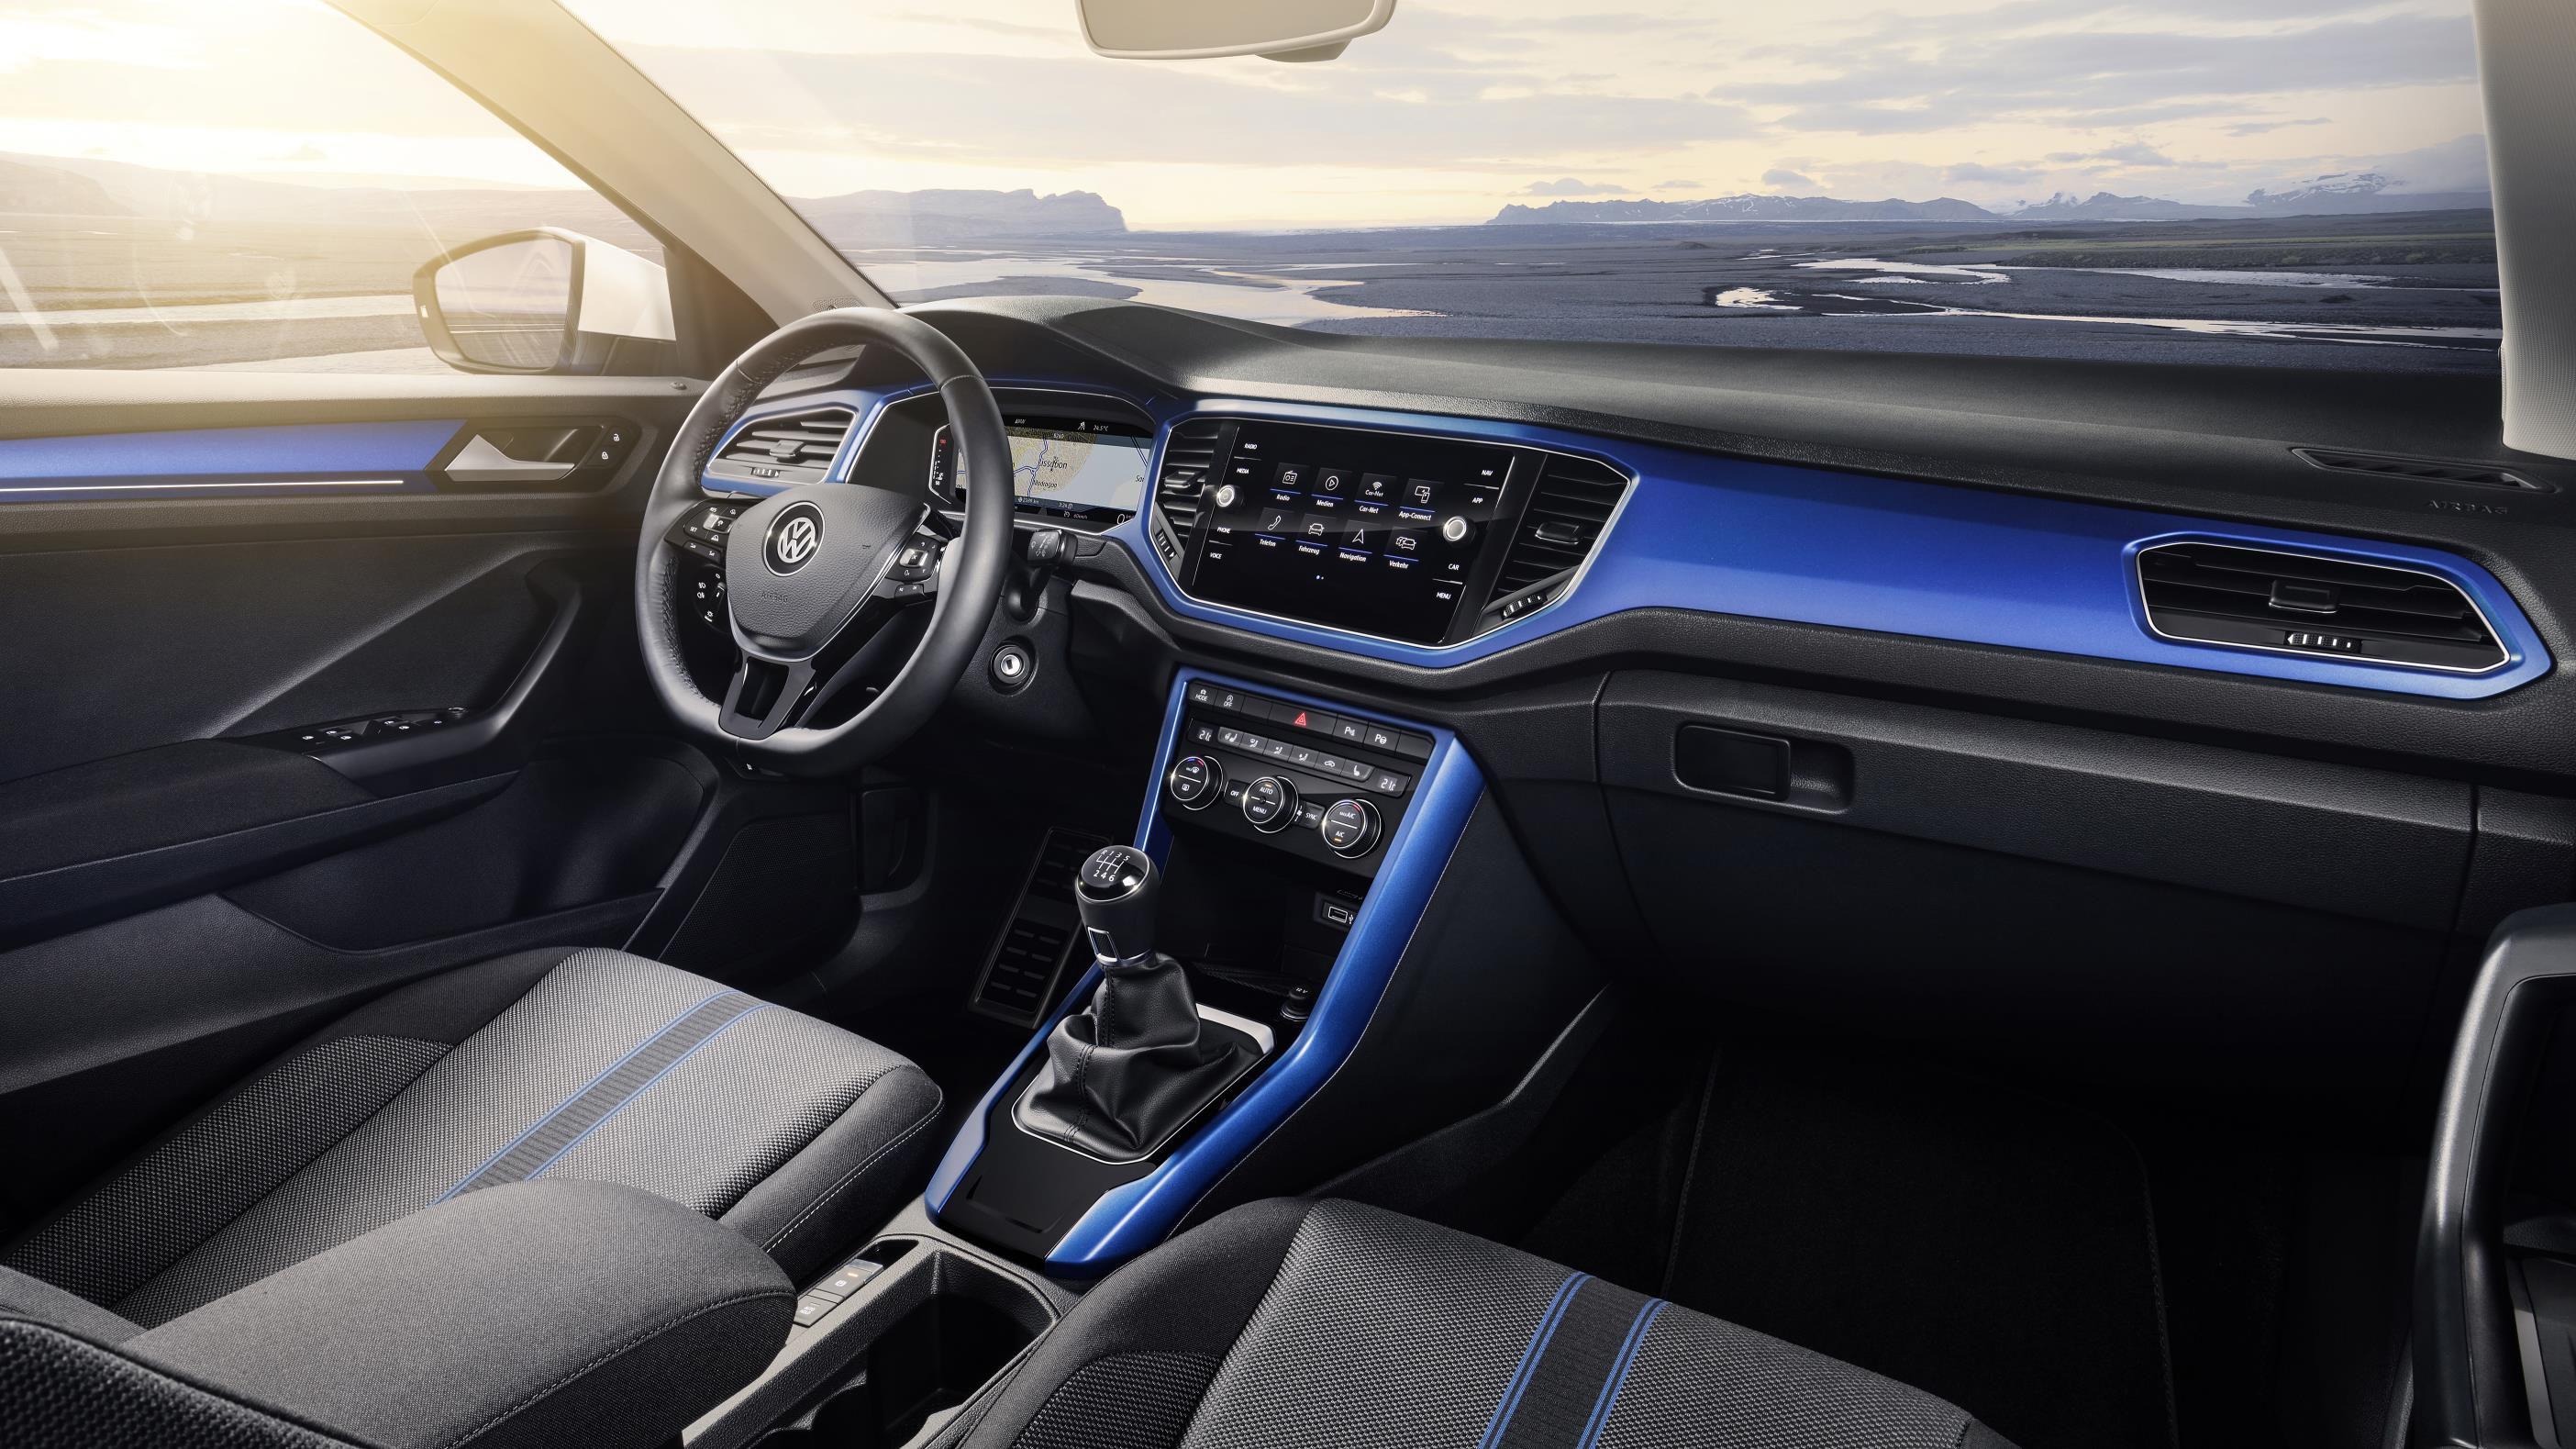 Blue trimmefd interior dashboard of VW T-Roc small SUV